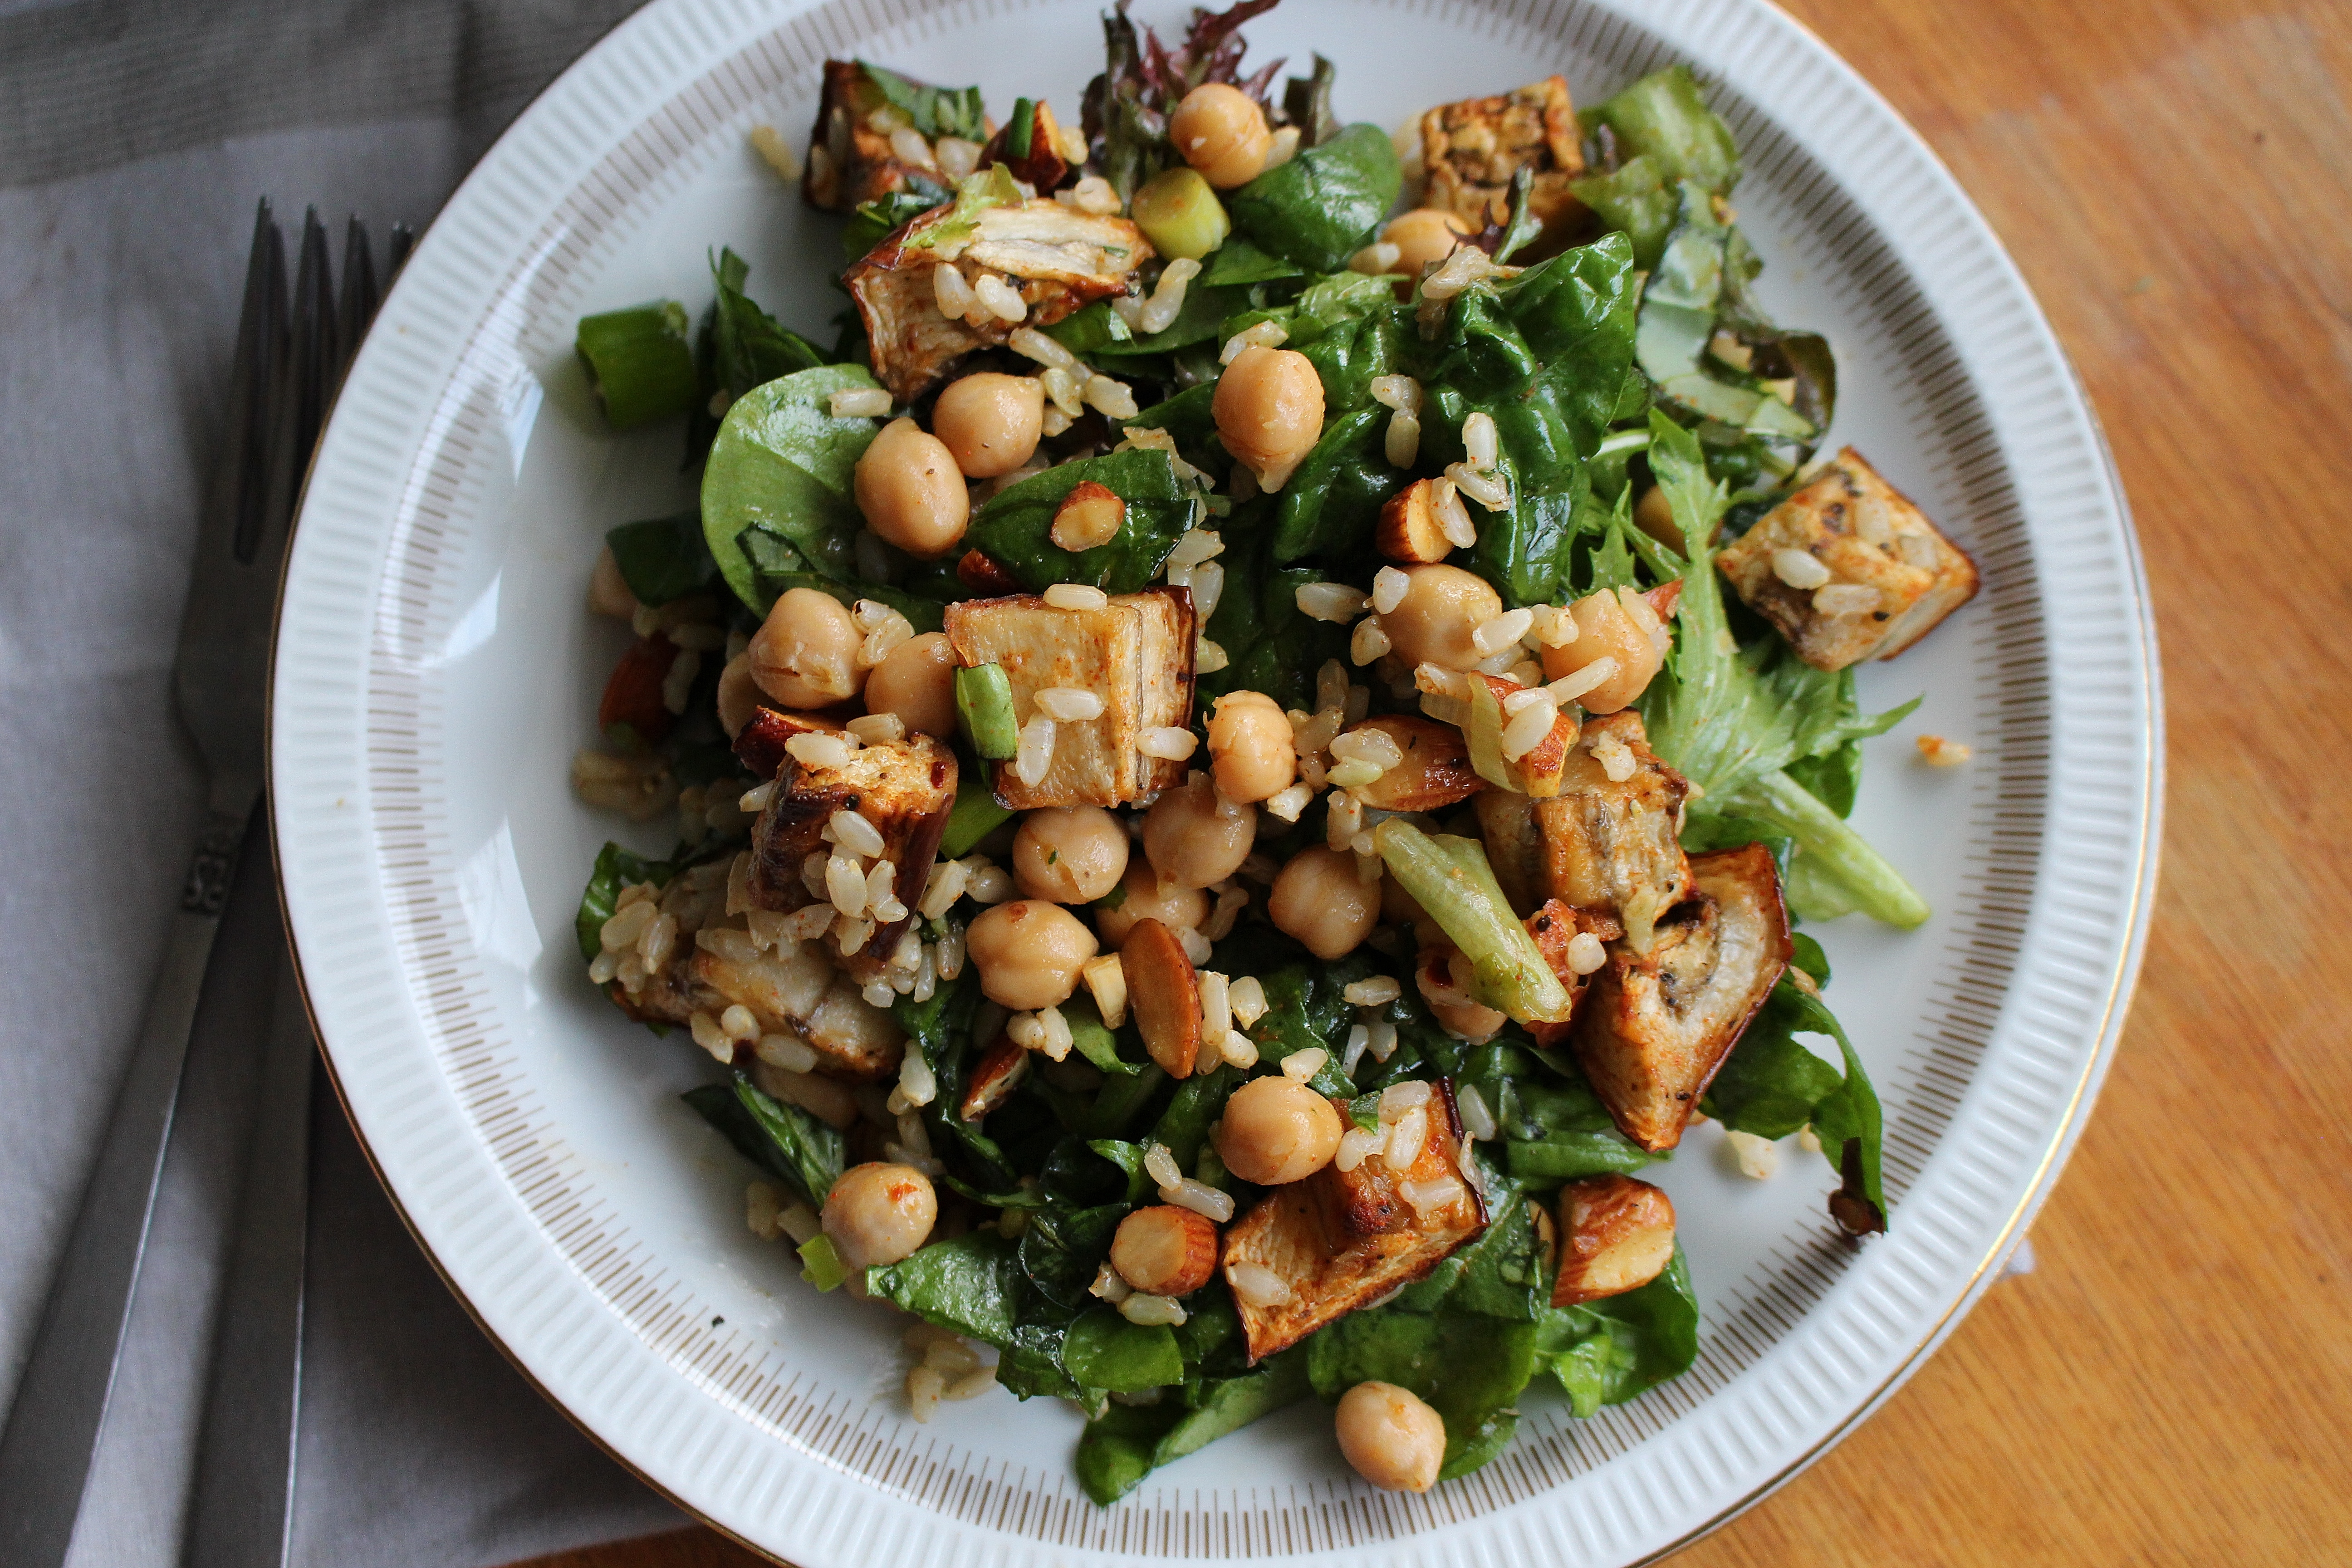 Салаты с нутом: пошаговые рецепты приготовления вкусных салатов. рецепты вкусных салатов с нутом пошагово с фото